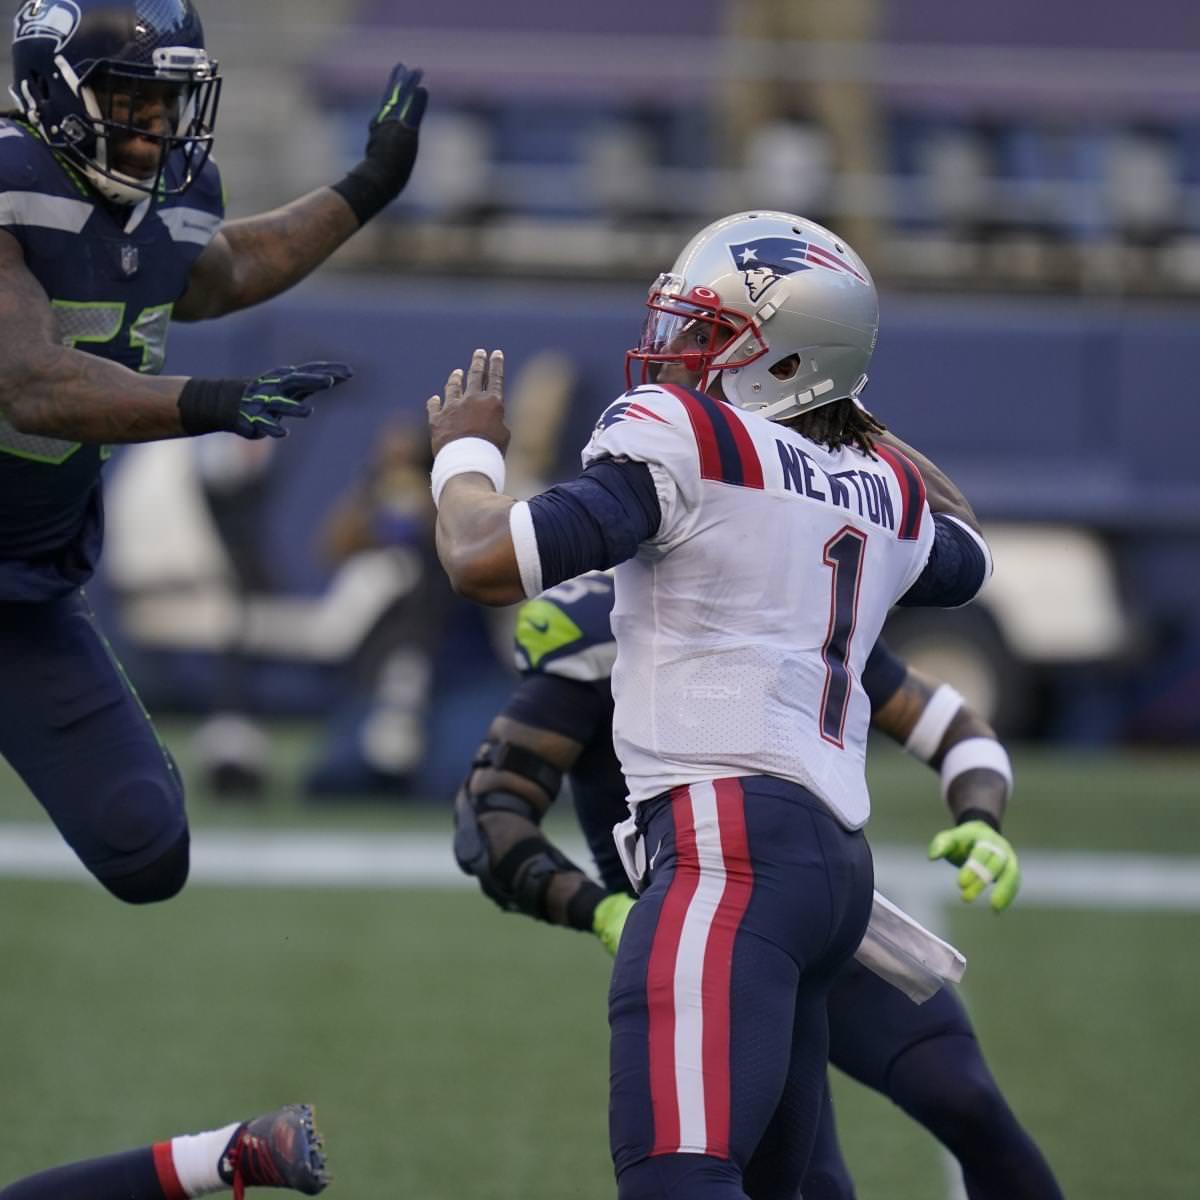 Bruce Irvin, do Seahawks, multado em US $ 20 mil por hit no Cam Newton do Patriots na semana 2